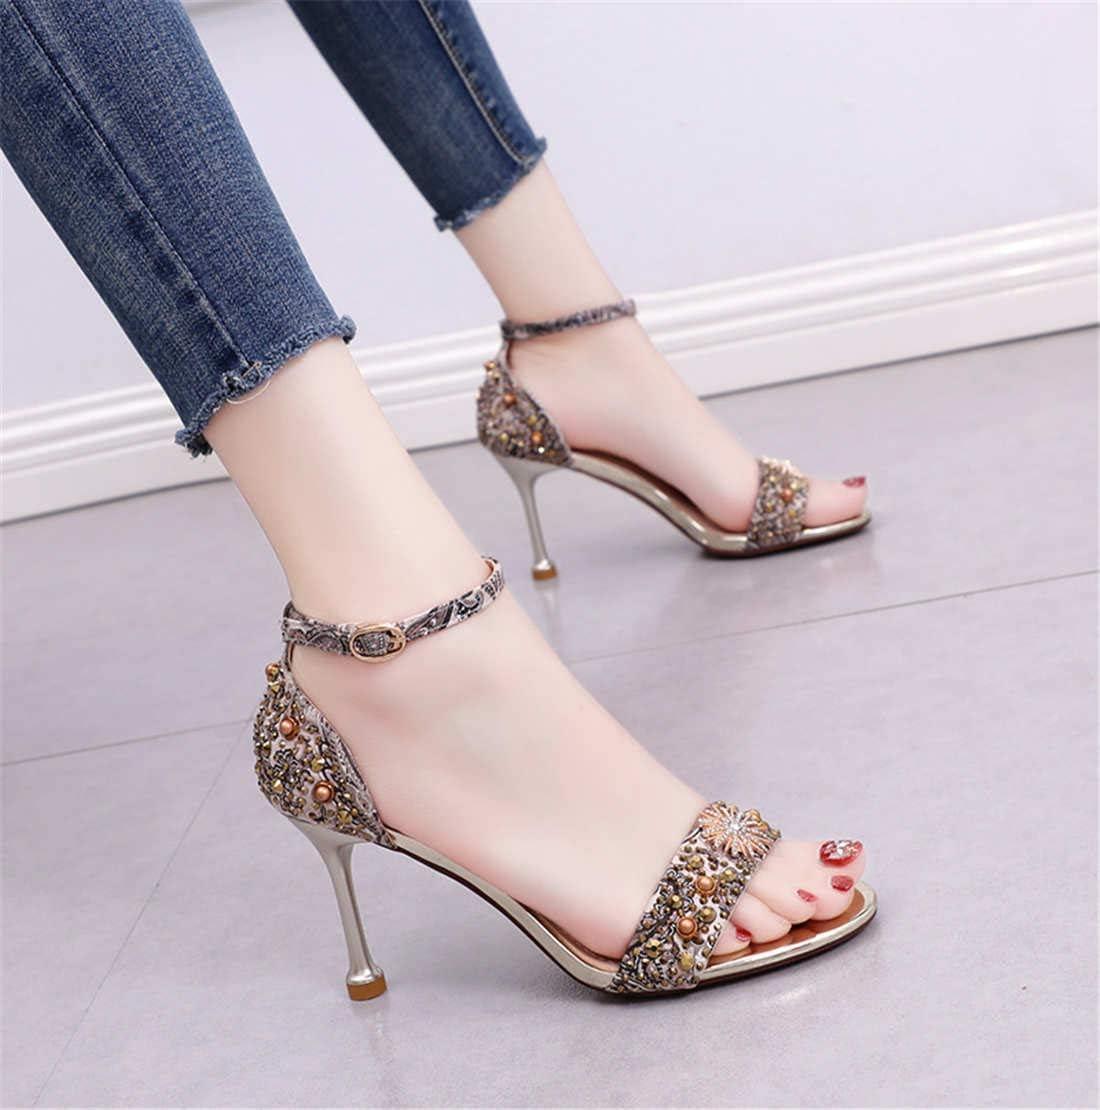 BZBZBZ Estate Tacchi Alti di 8 cm delle Donne Open Toe Cintura di Strass Belle Tallone Sandali Dress Banchetti Formato dei Pattini UE 34-39 Golden